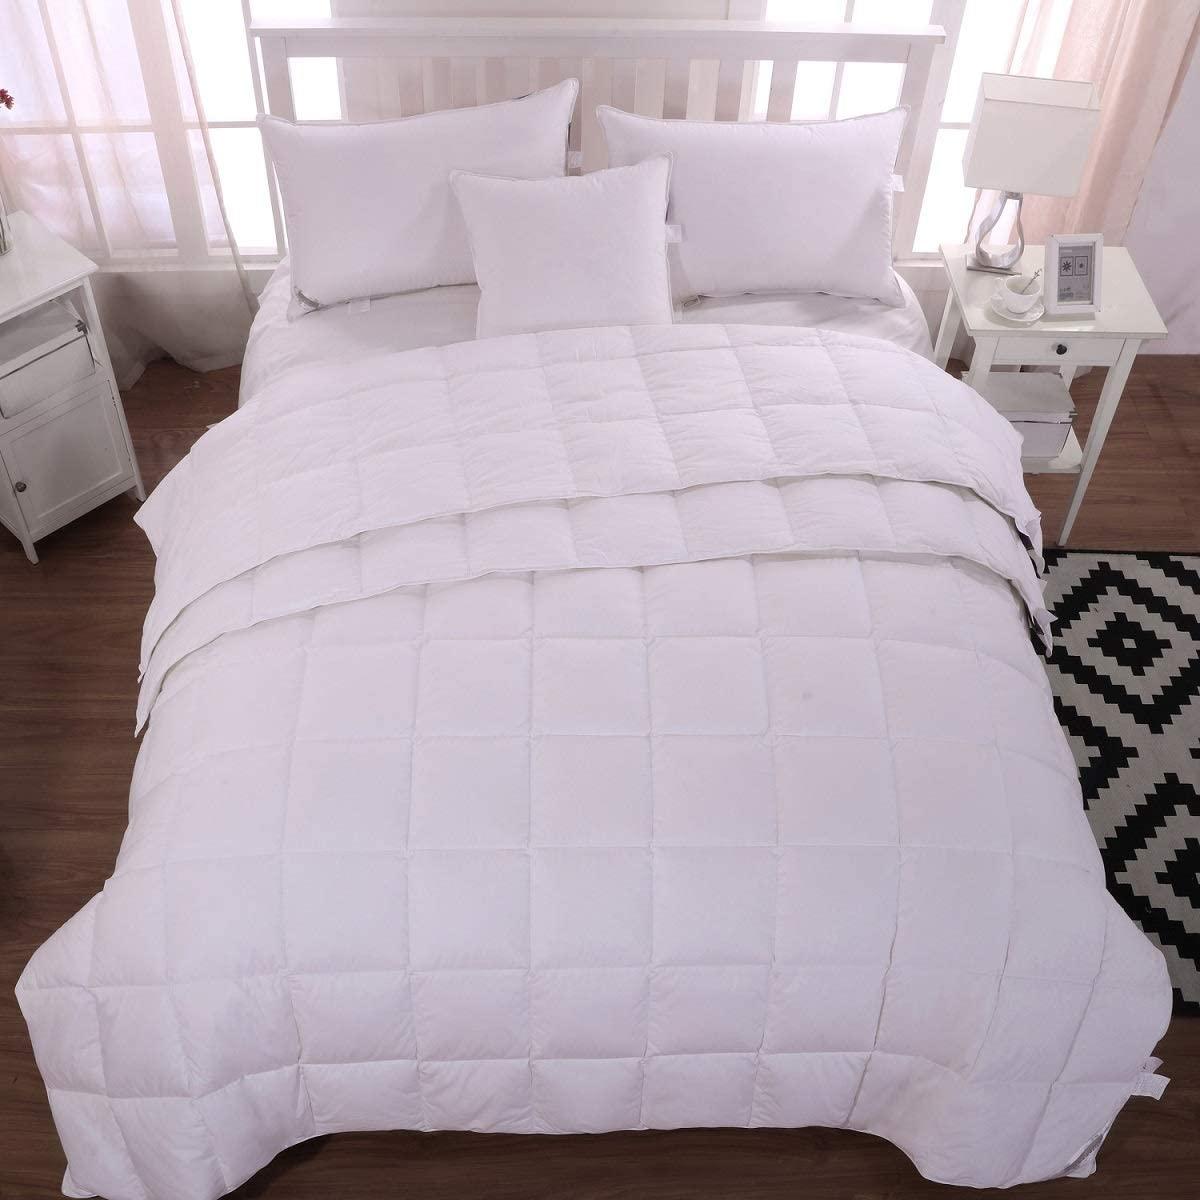 Lightweight Goose Down Comforter Duvet Insert ,100% Organic Cotton Bed Blanket for All Season or Hot Sleeper White